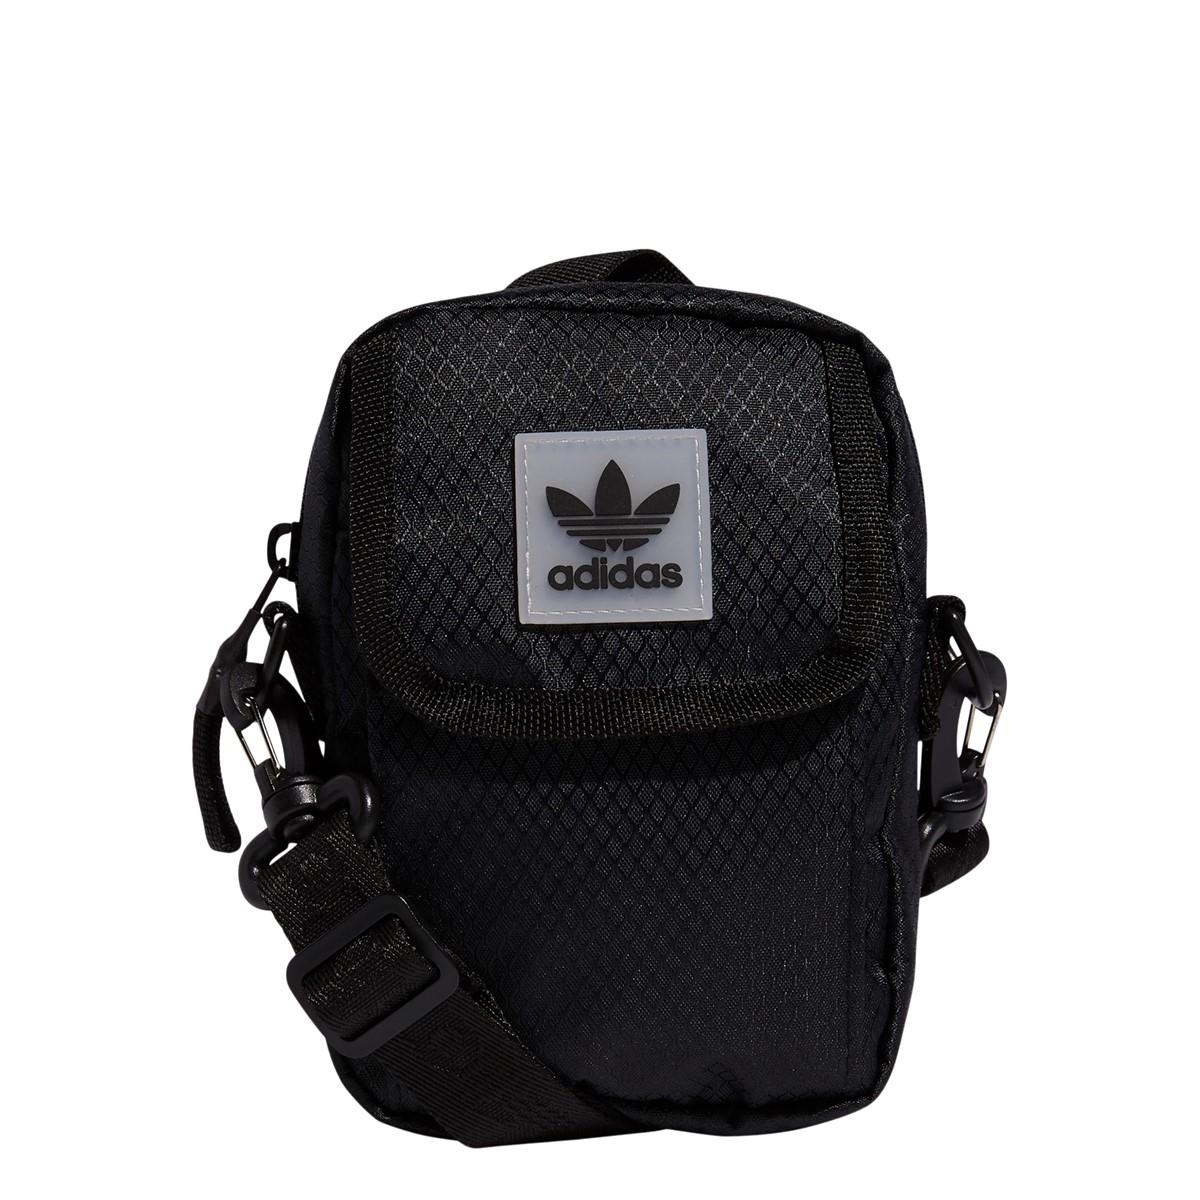 OG Utility Fest Crossbody Bag in Black